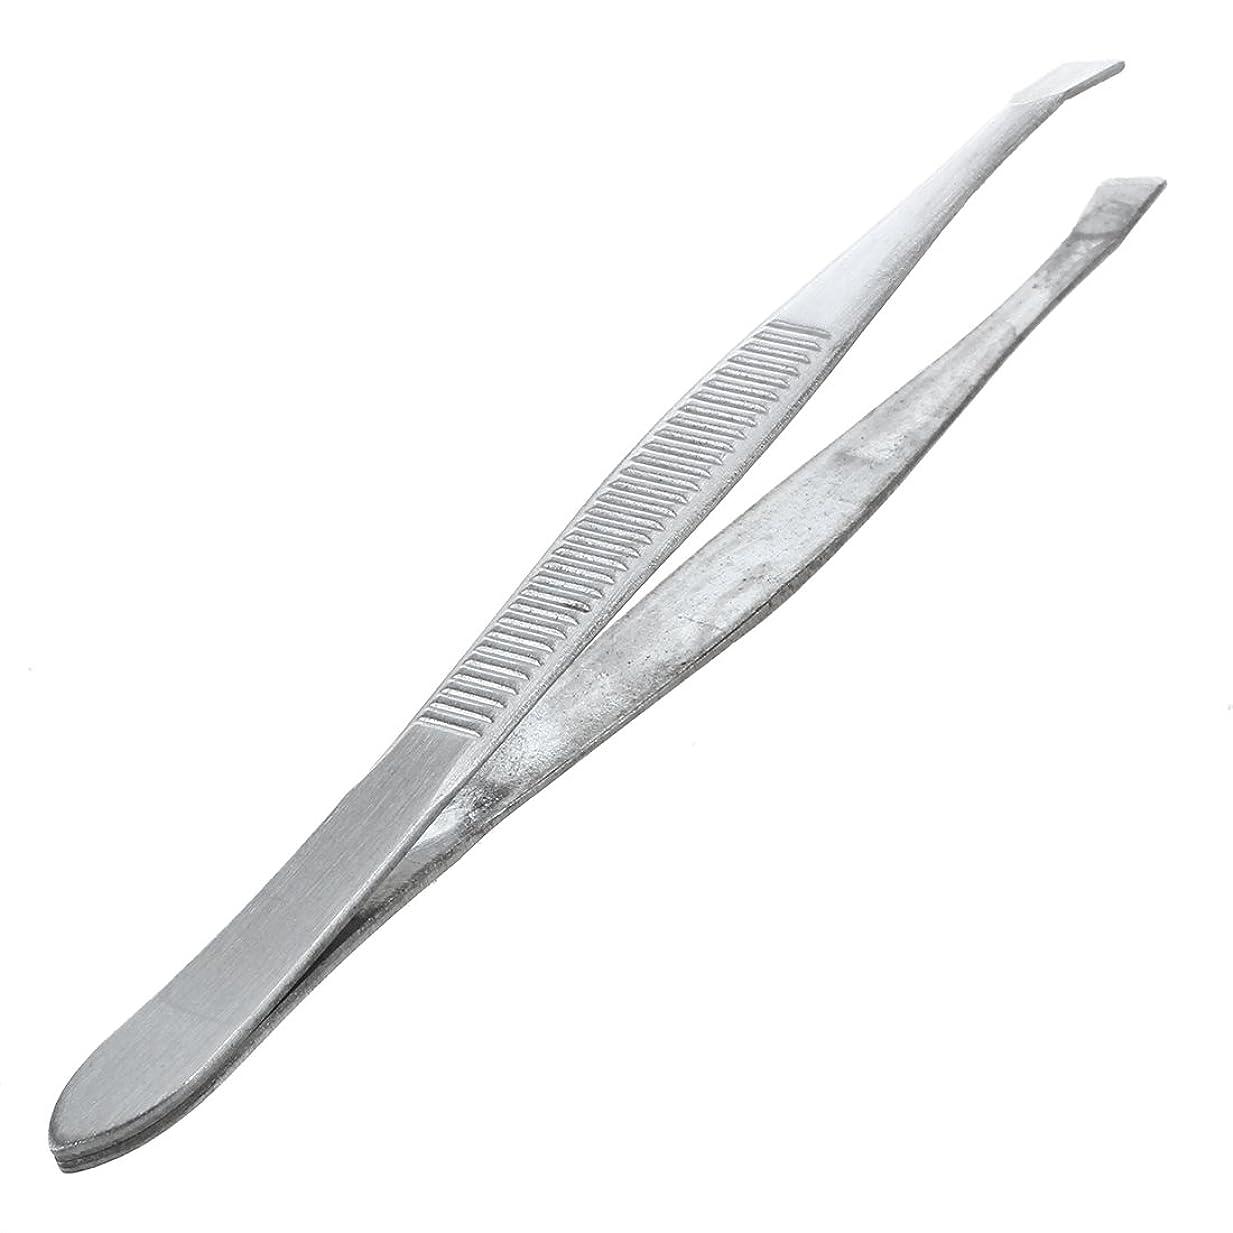 表現創造ヘルパーACAMPTAR 眉毛ピンセット 脱毛チップ 炭素鋼 傾斜 9cm シルバーカラー